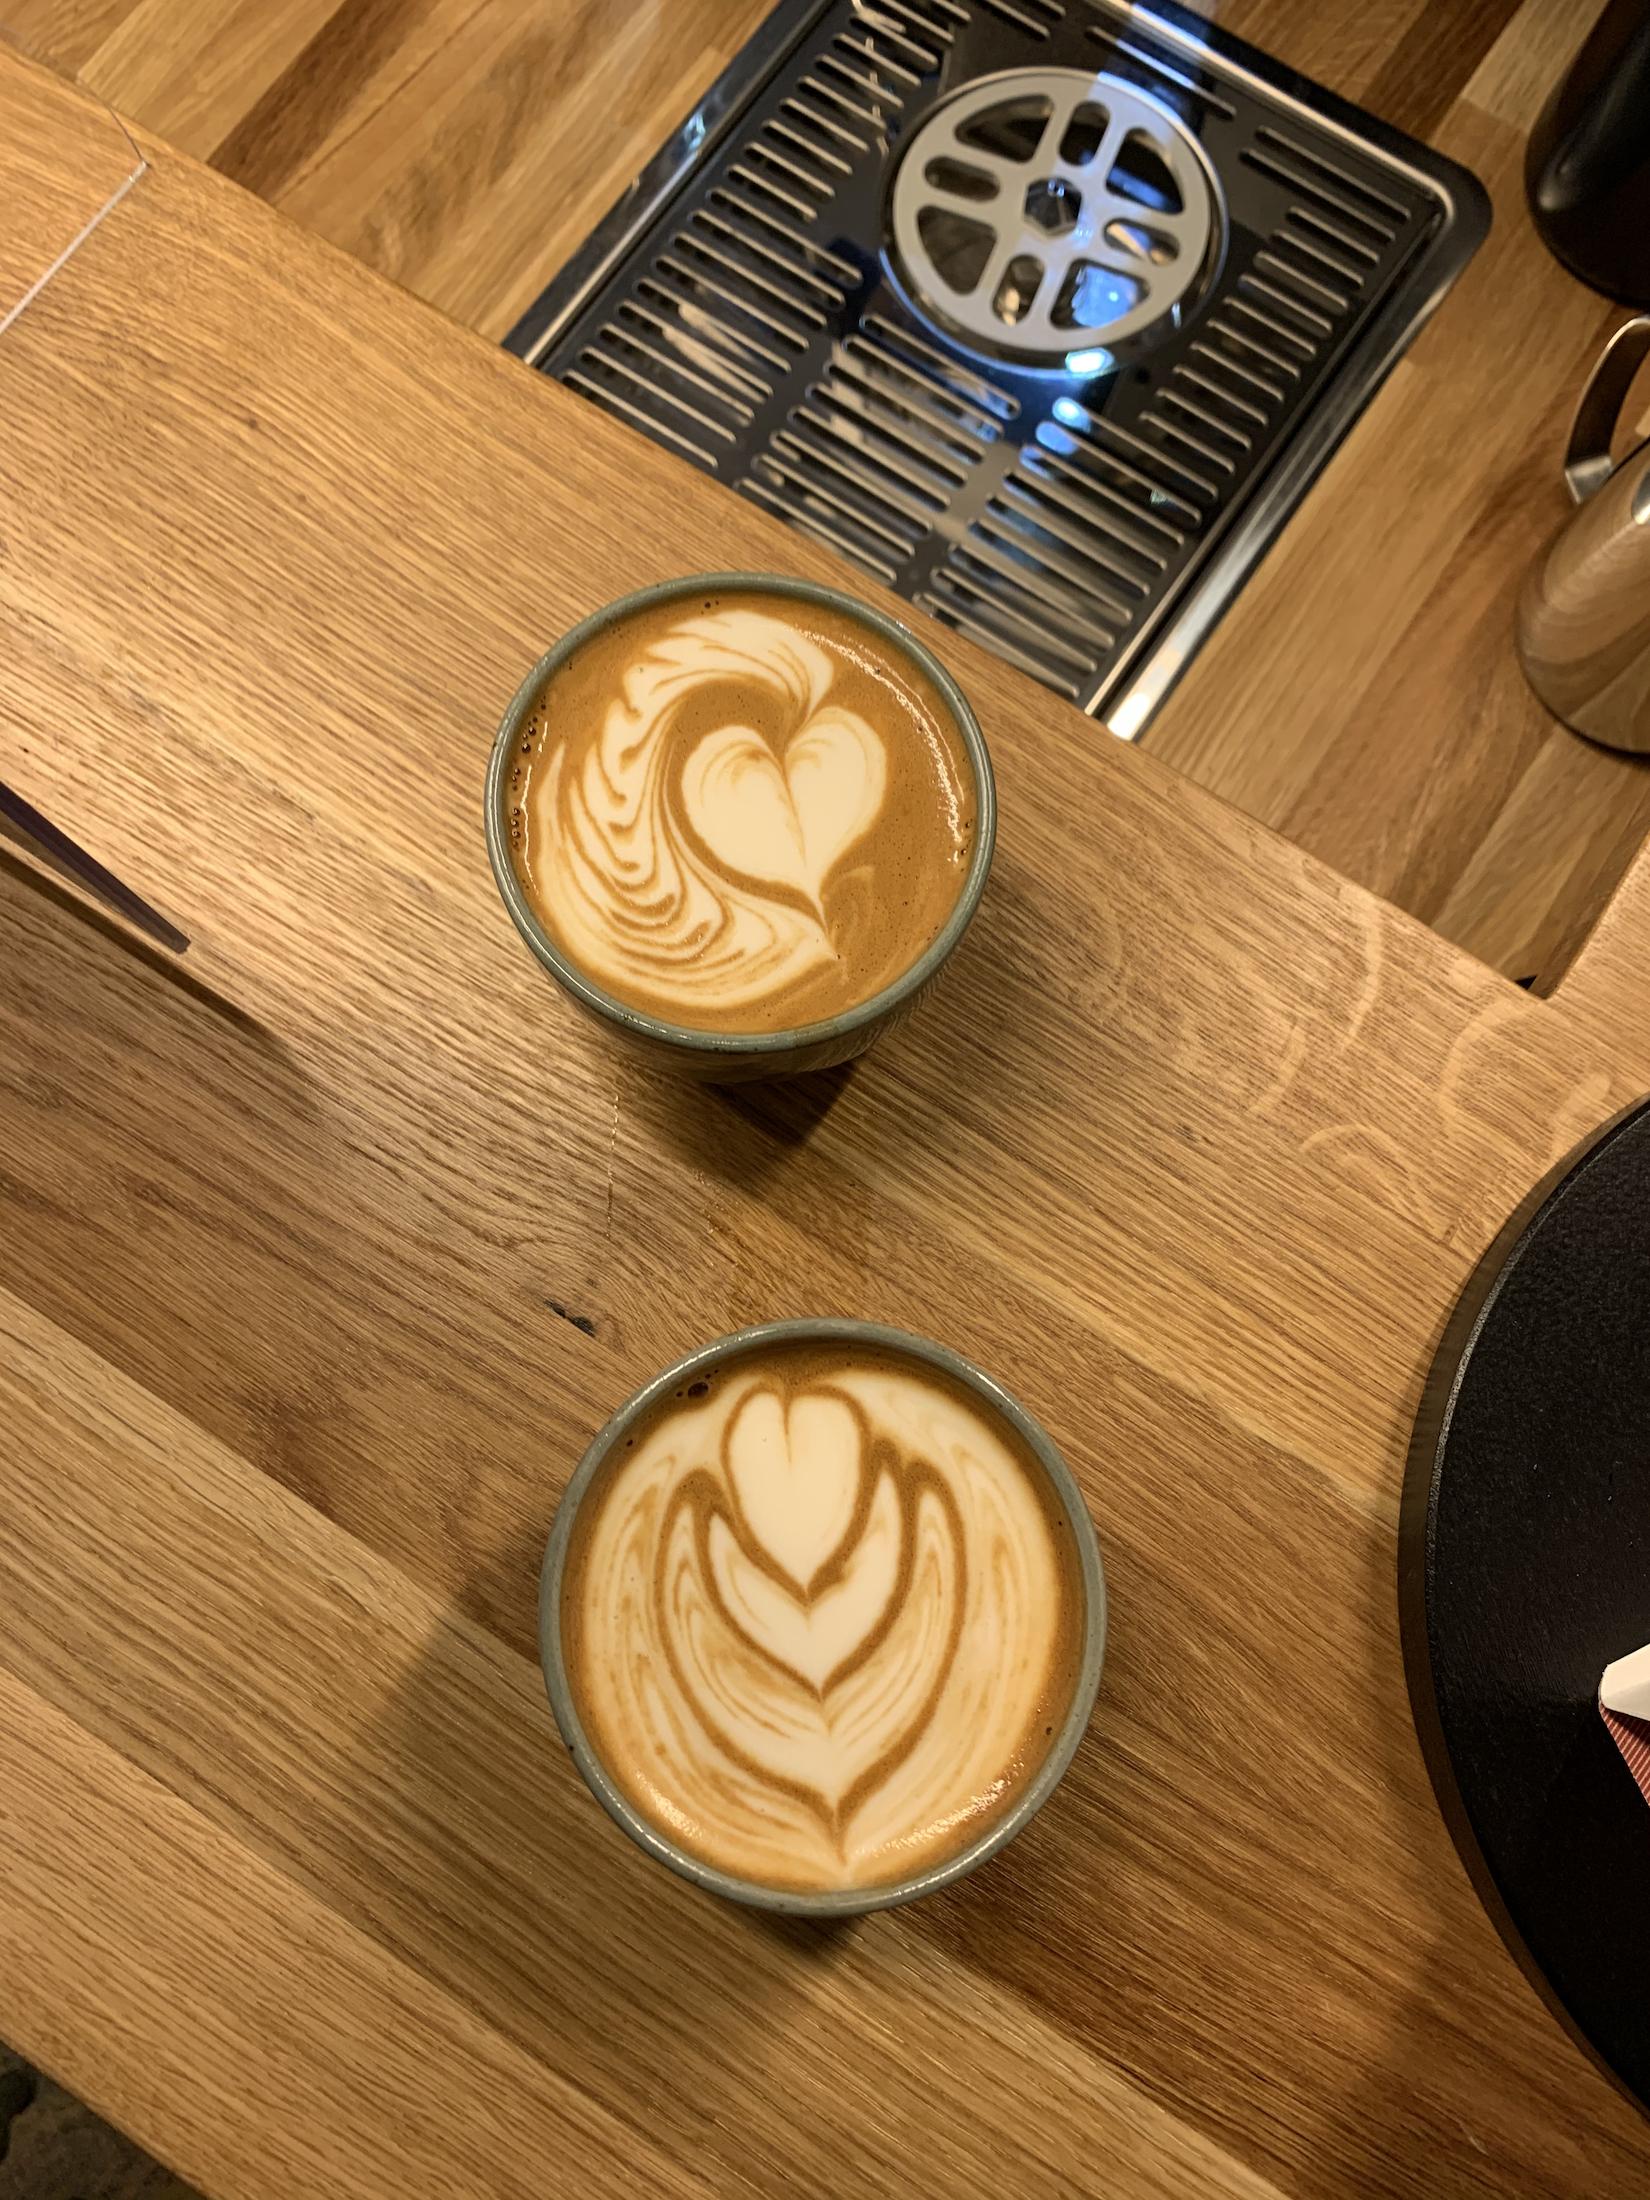 Latte Art mit Milchersatzprodukten, gegossen von Barista Christian Ullrich. Aus der Vogelperspektive sehen wir zwei grüne Tontassen, gefüllt mit Milch und Kaffee. Auf der einen Tasse ist ein Weaveheard zu sehen, auf der anderen eine Tulpe. Sie stehen auf einer Holztheke mit verschiedener Helligkeit.